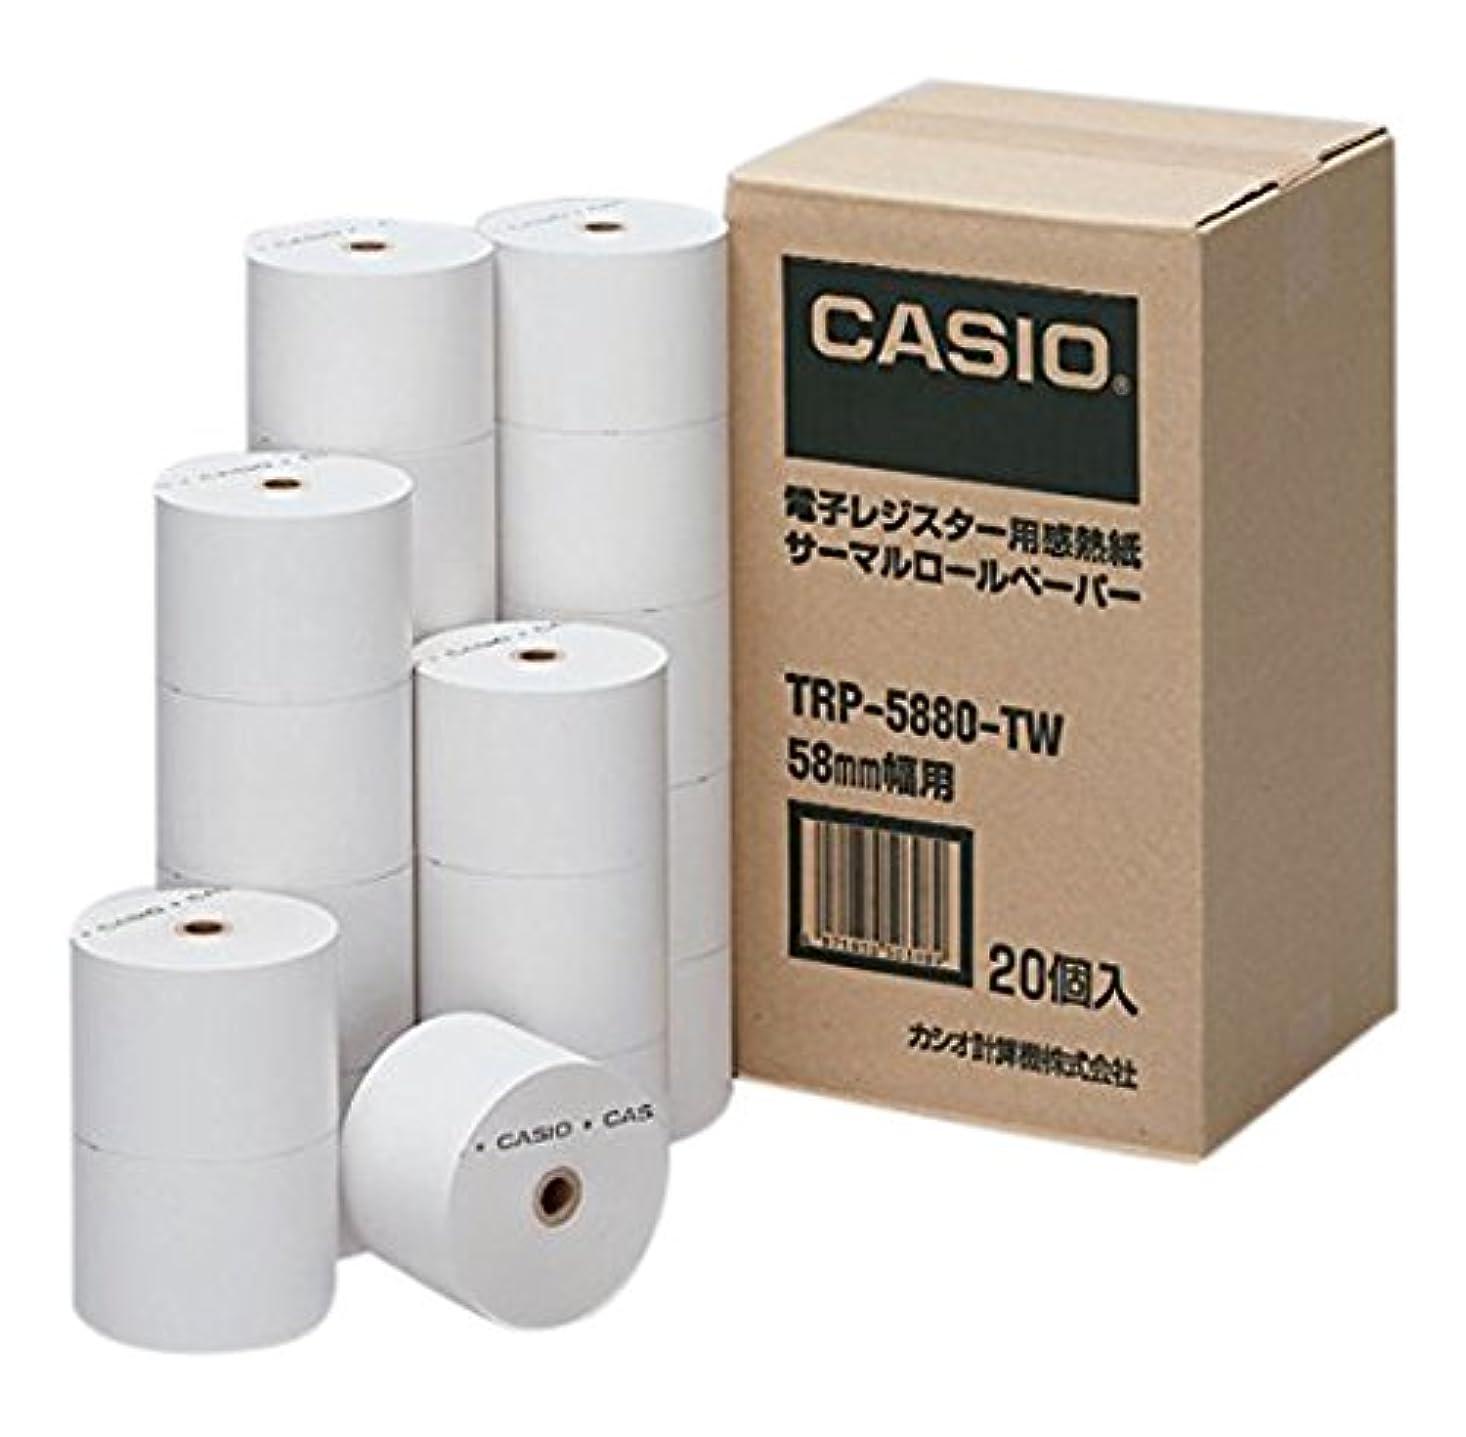 人生を作るせがむ軽ふじさん企画 【厚手/激安タイプ】両面無地ハガキサイズ用紙 (148×100mm)1000枚 POST-MUJI